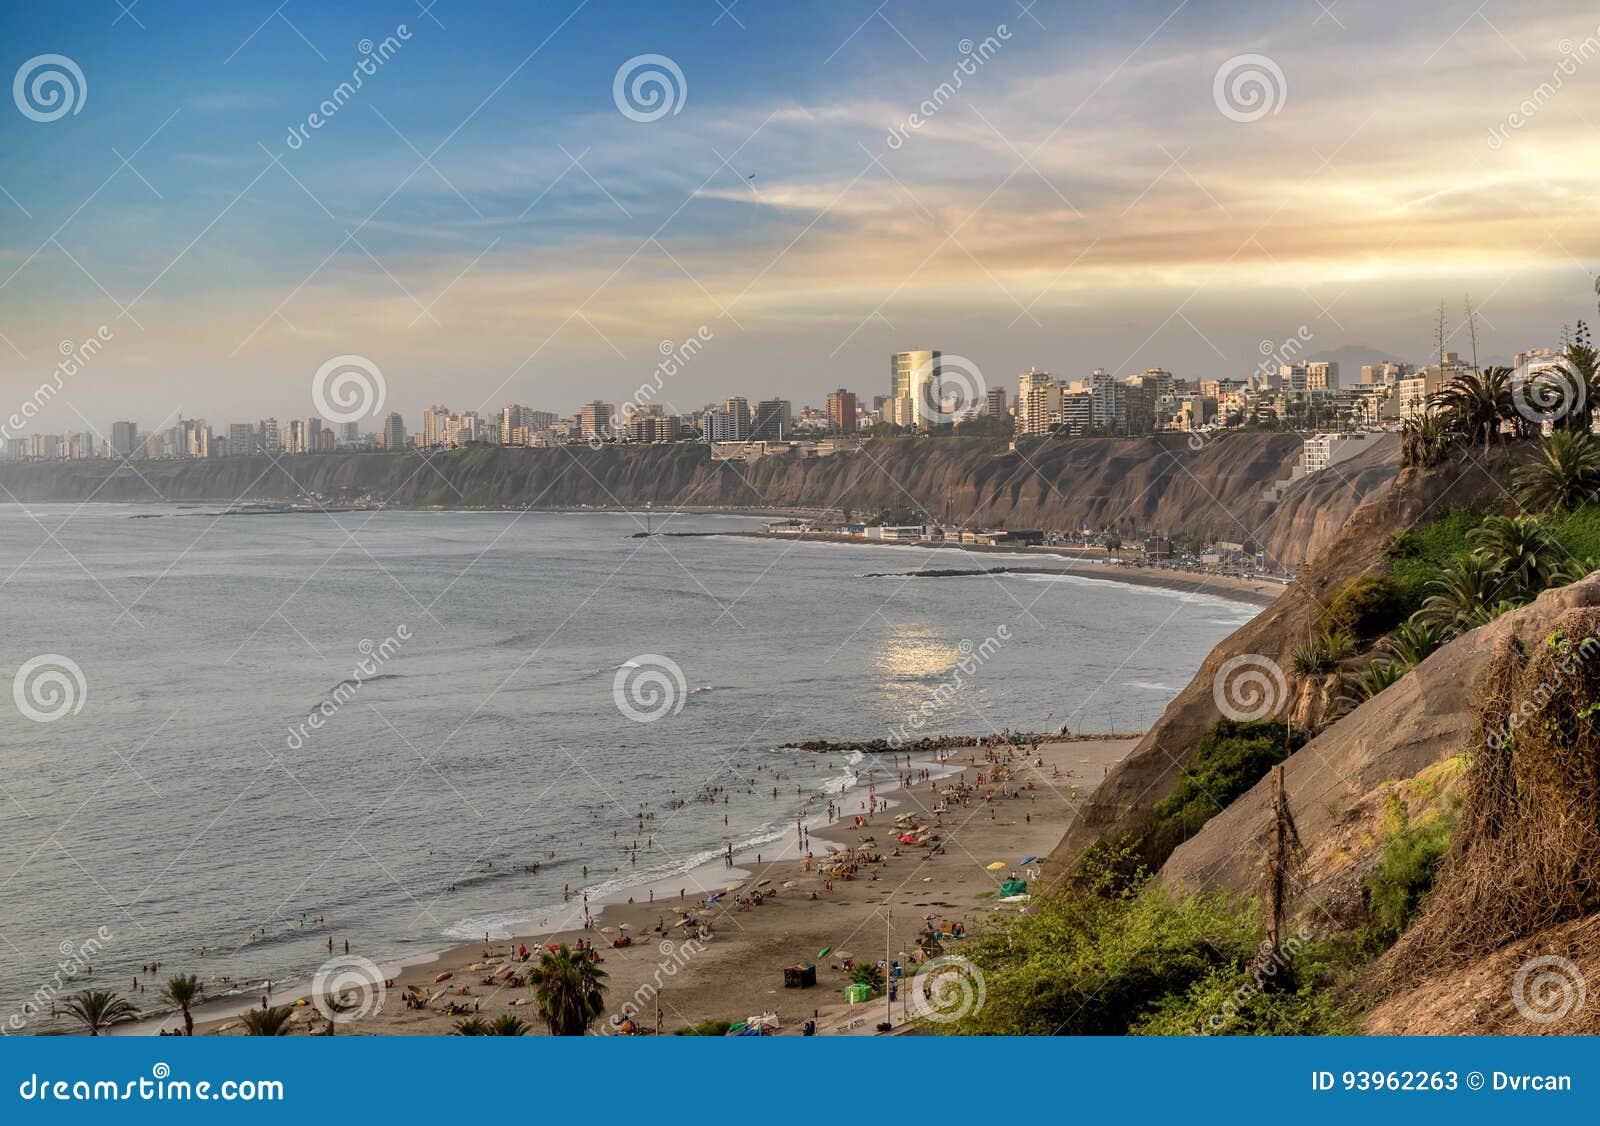 A Costa do Pacífico de Miraflores em Lima, Peru